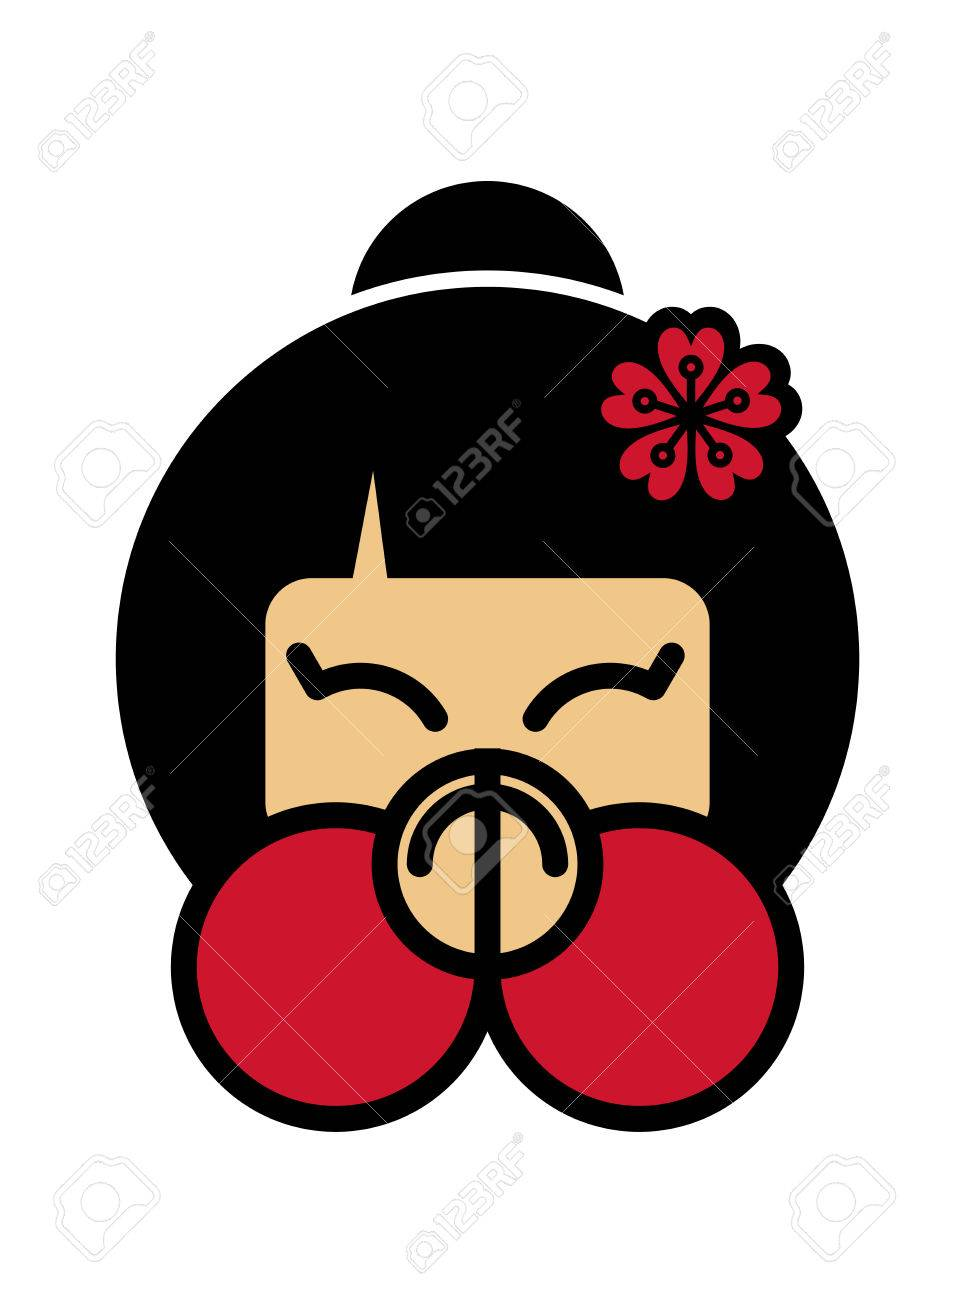 両手を顔の前に折り返されているありがとうかわいい日本人の女の子